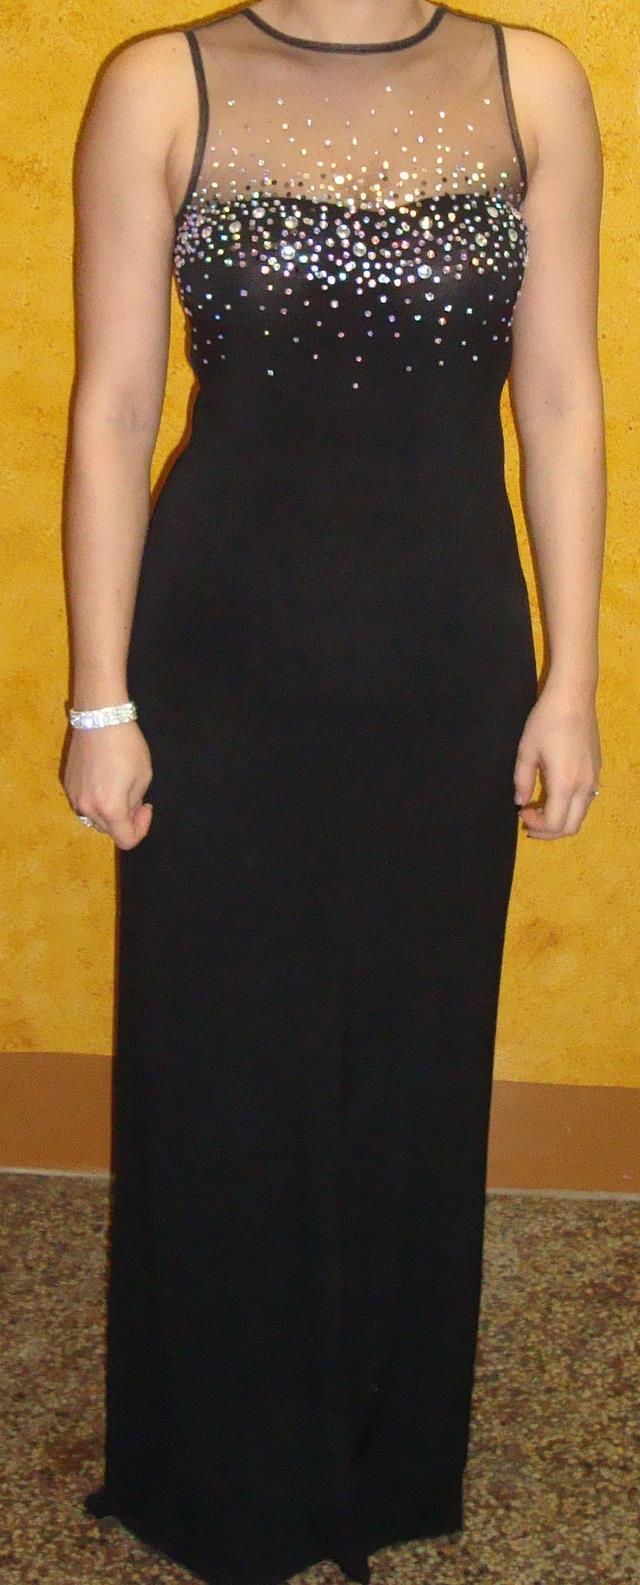 Čierne šaty s kamienkami - Obrázok č. 1